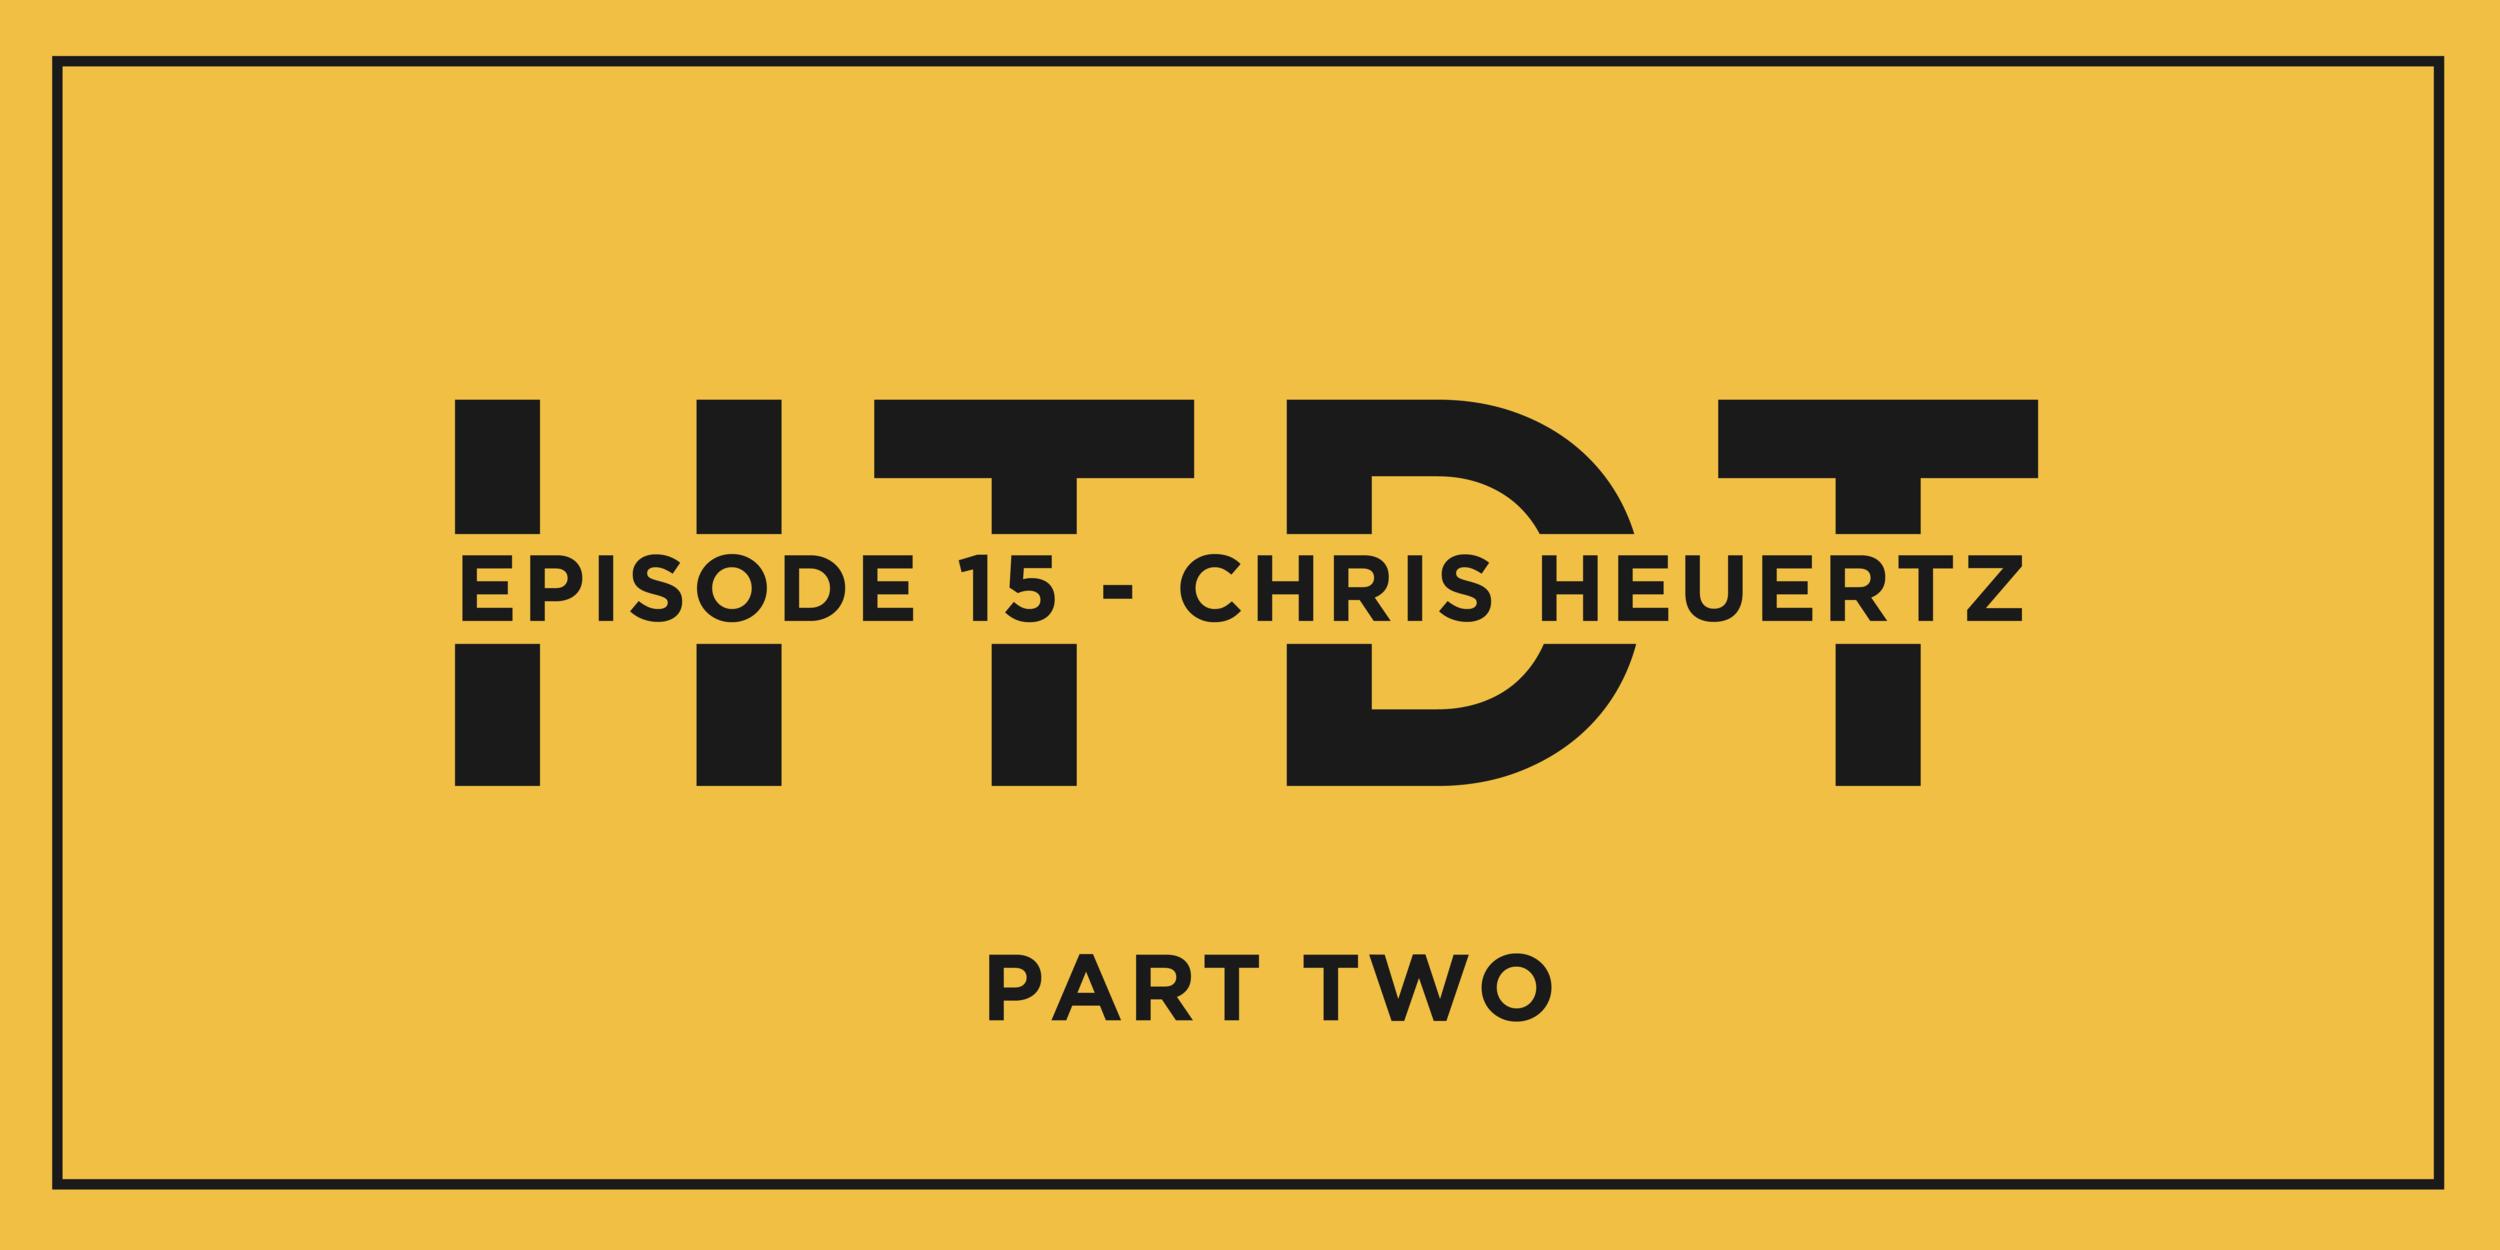 Episode 15.5 - Chris Heurtz_Header.png